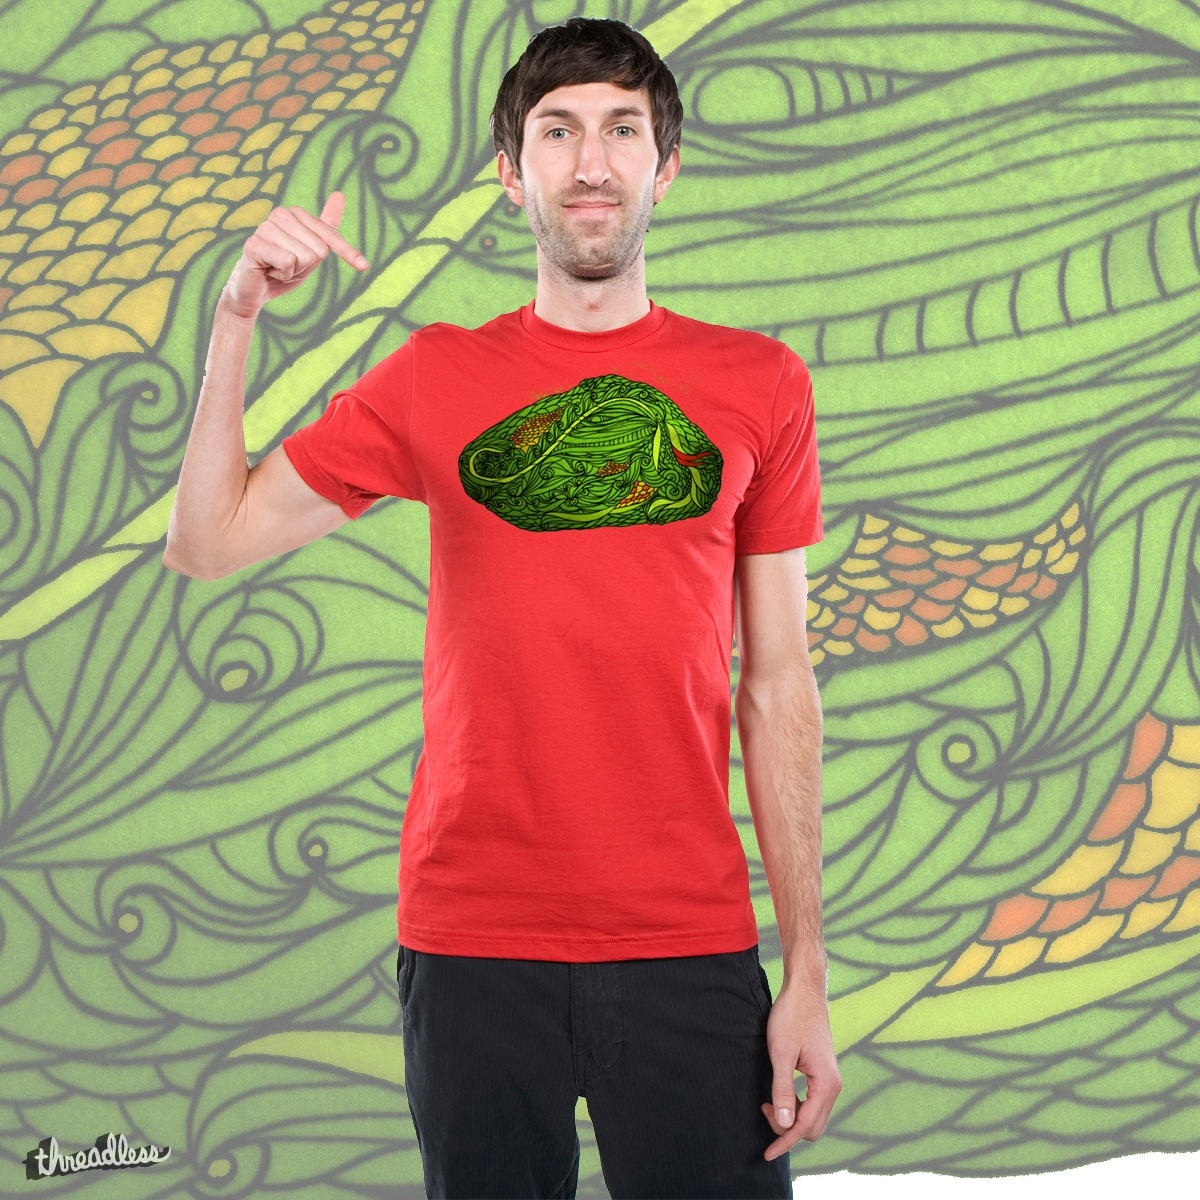 Snake!, a cool t-shirt design